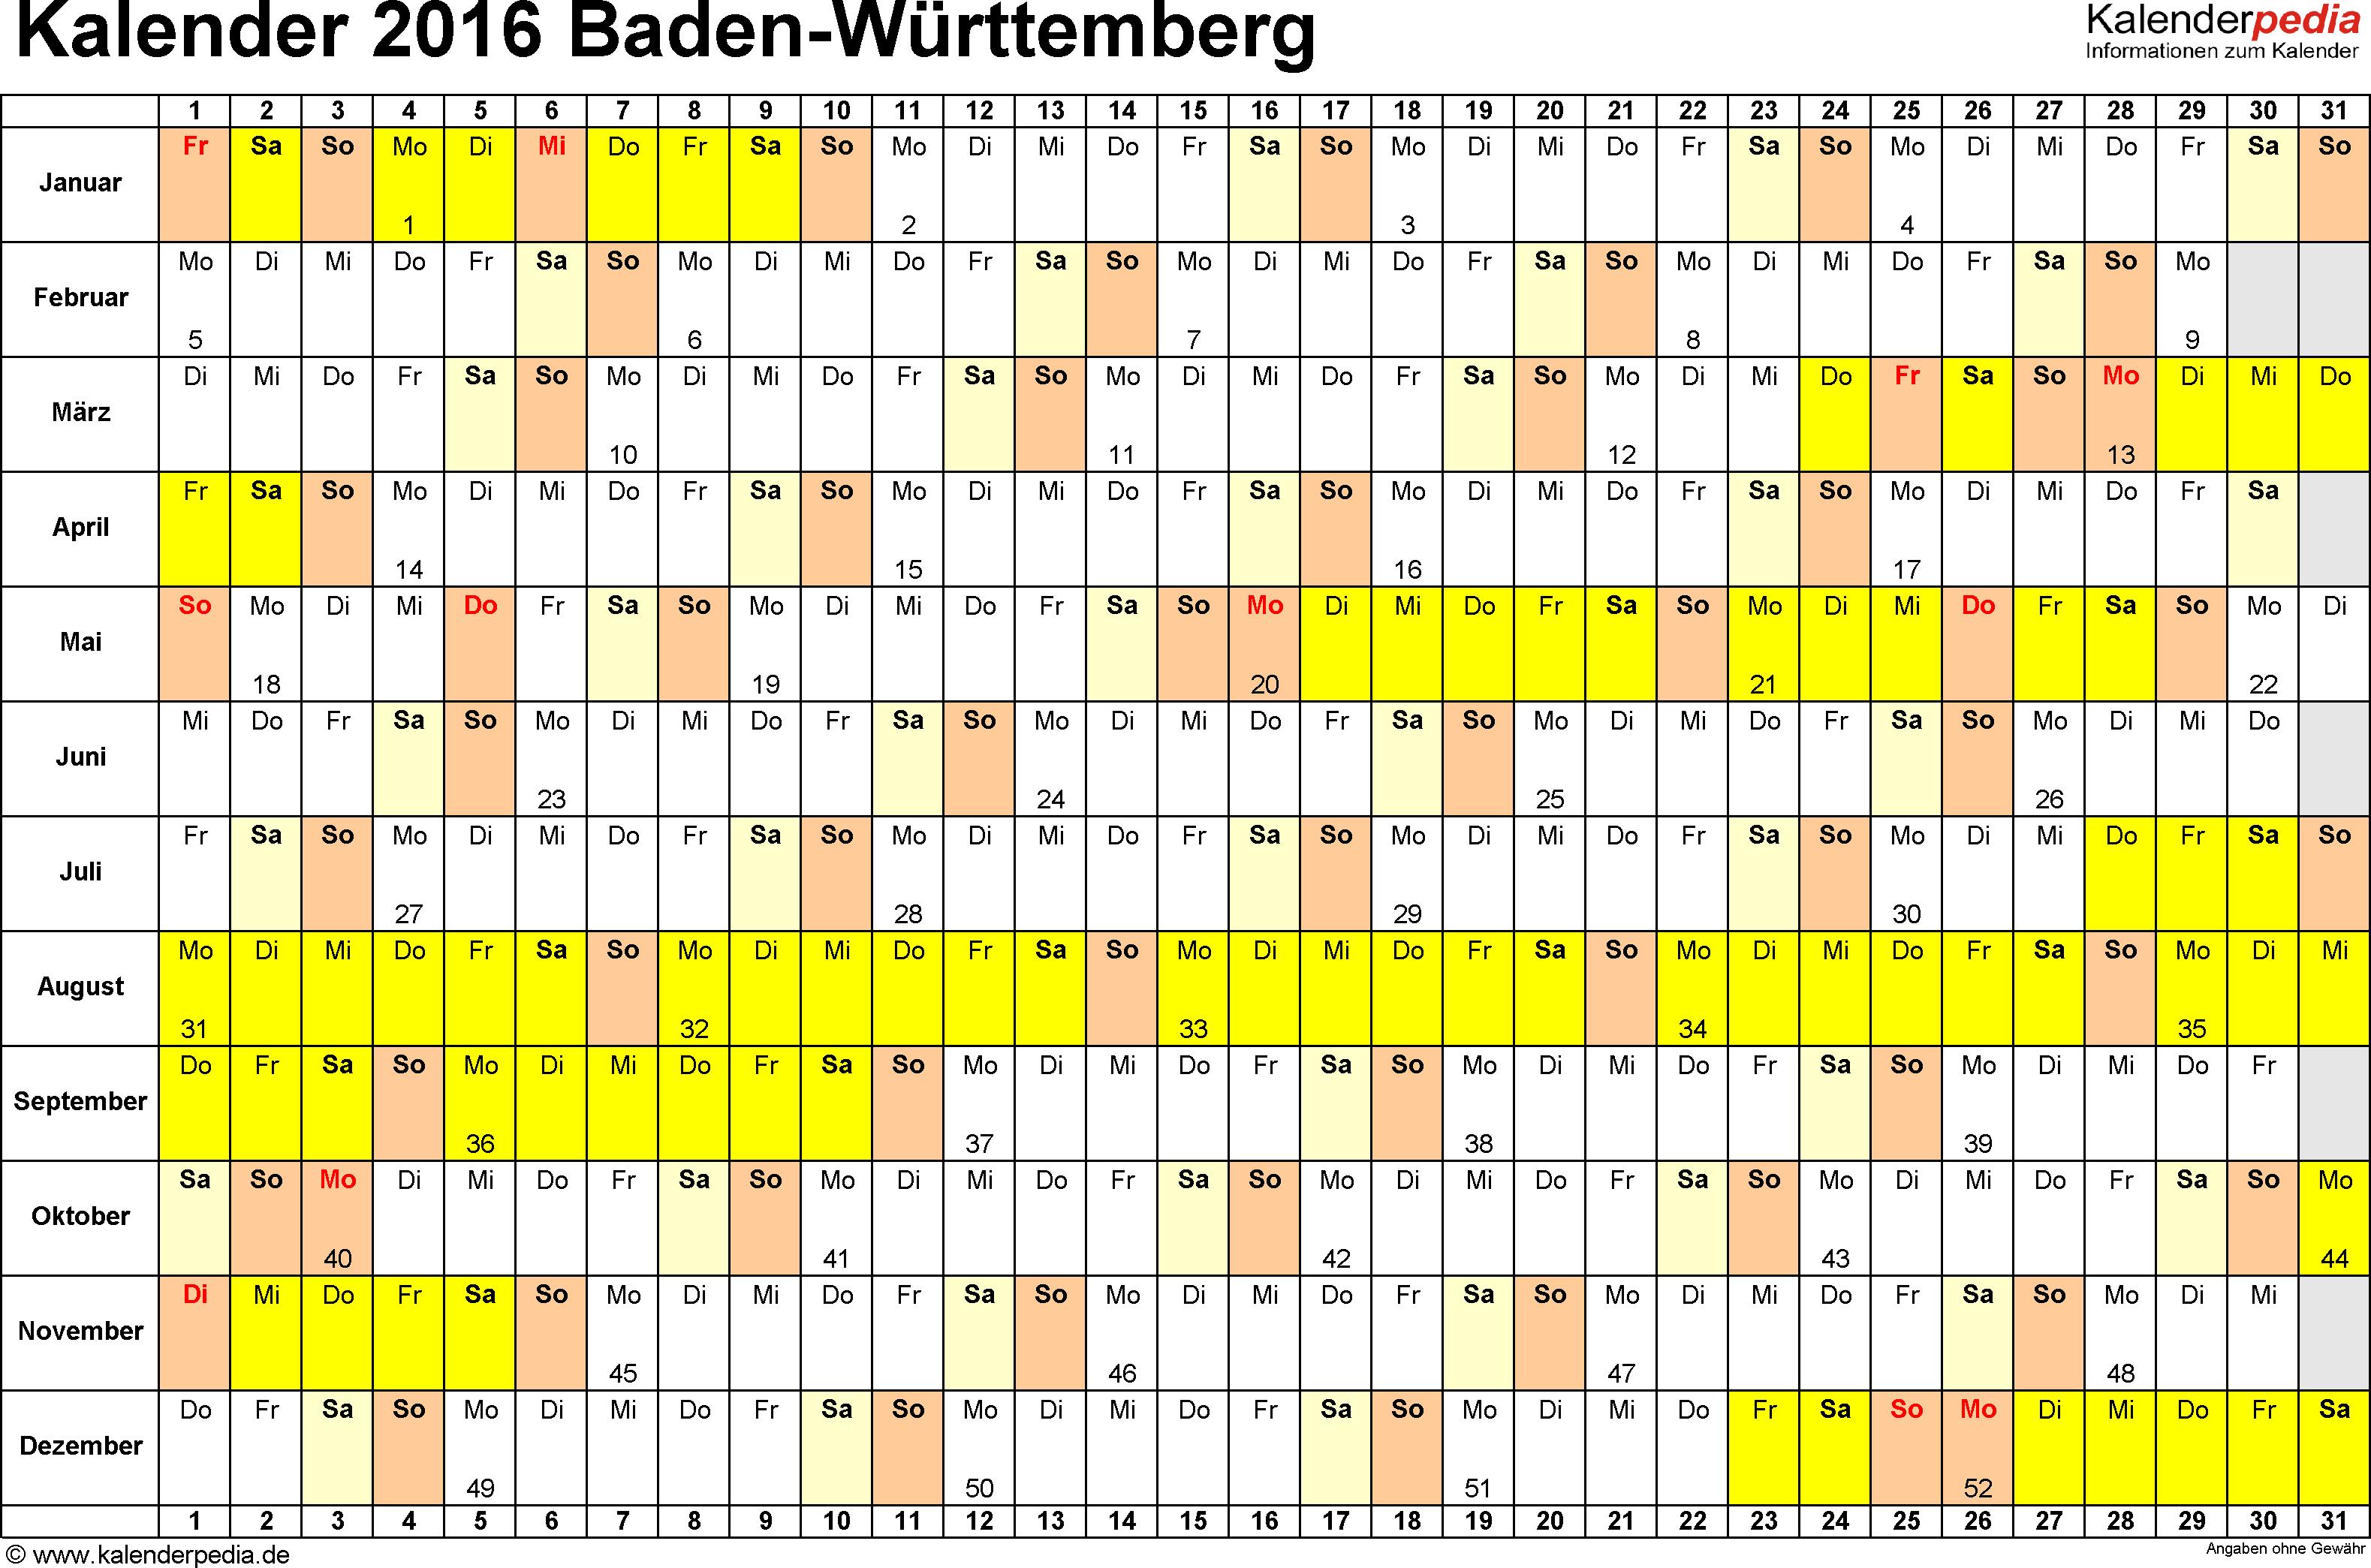 Vorlage 3: Kalender Baden-Württemberg 2016 im Querformat, Tage nebeneinander